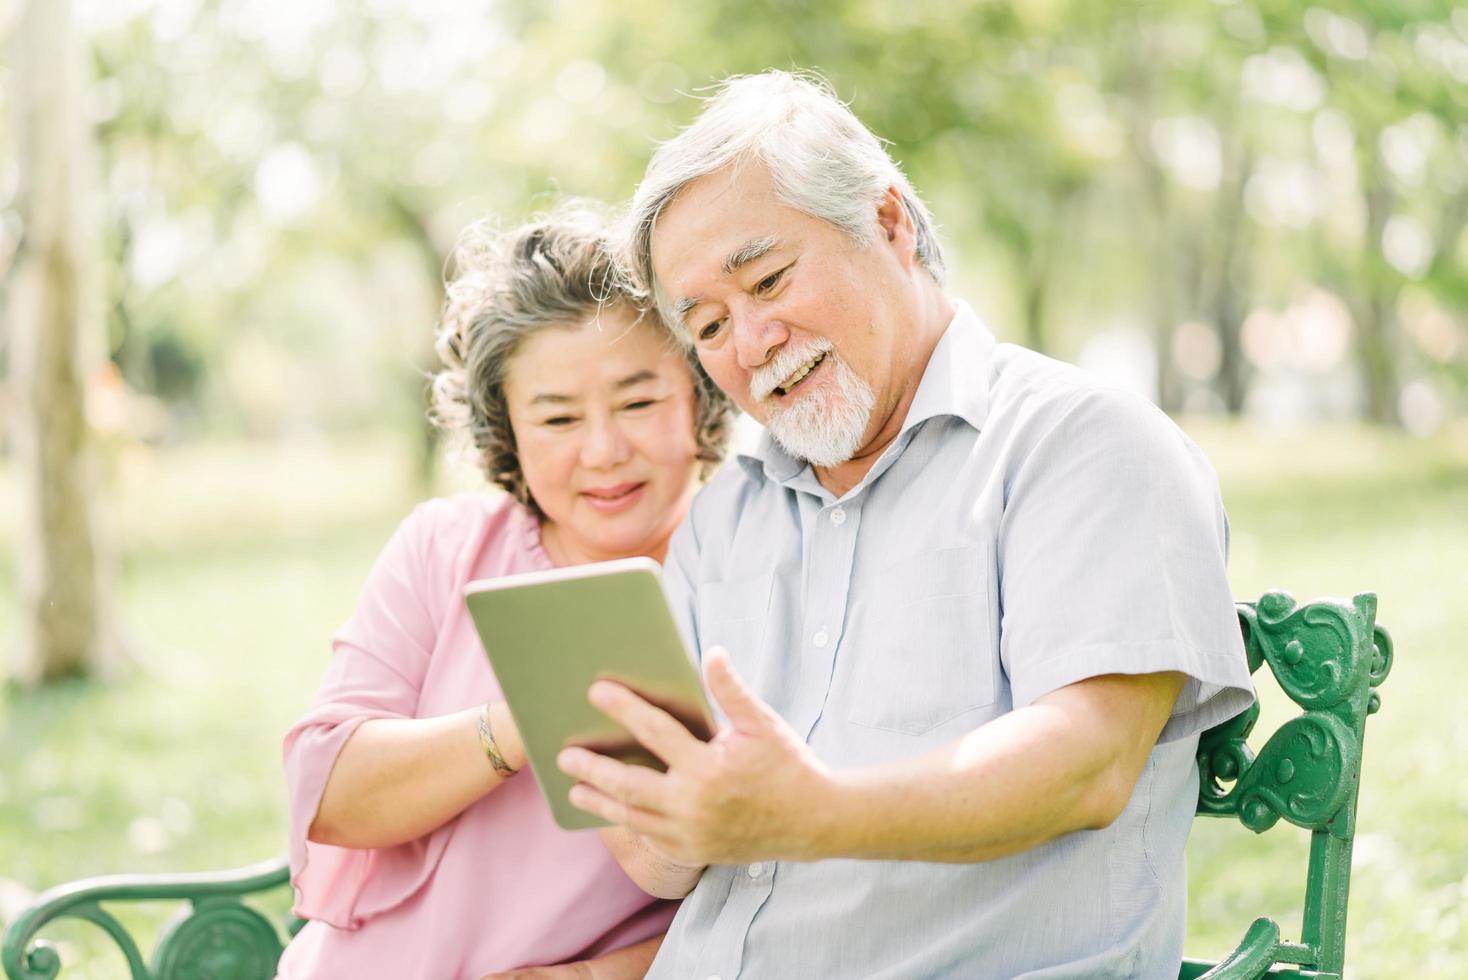 älteres asiatisches Paar mit Tablette im Park foto